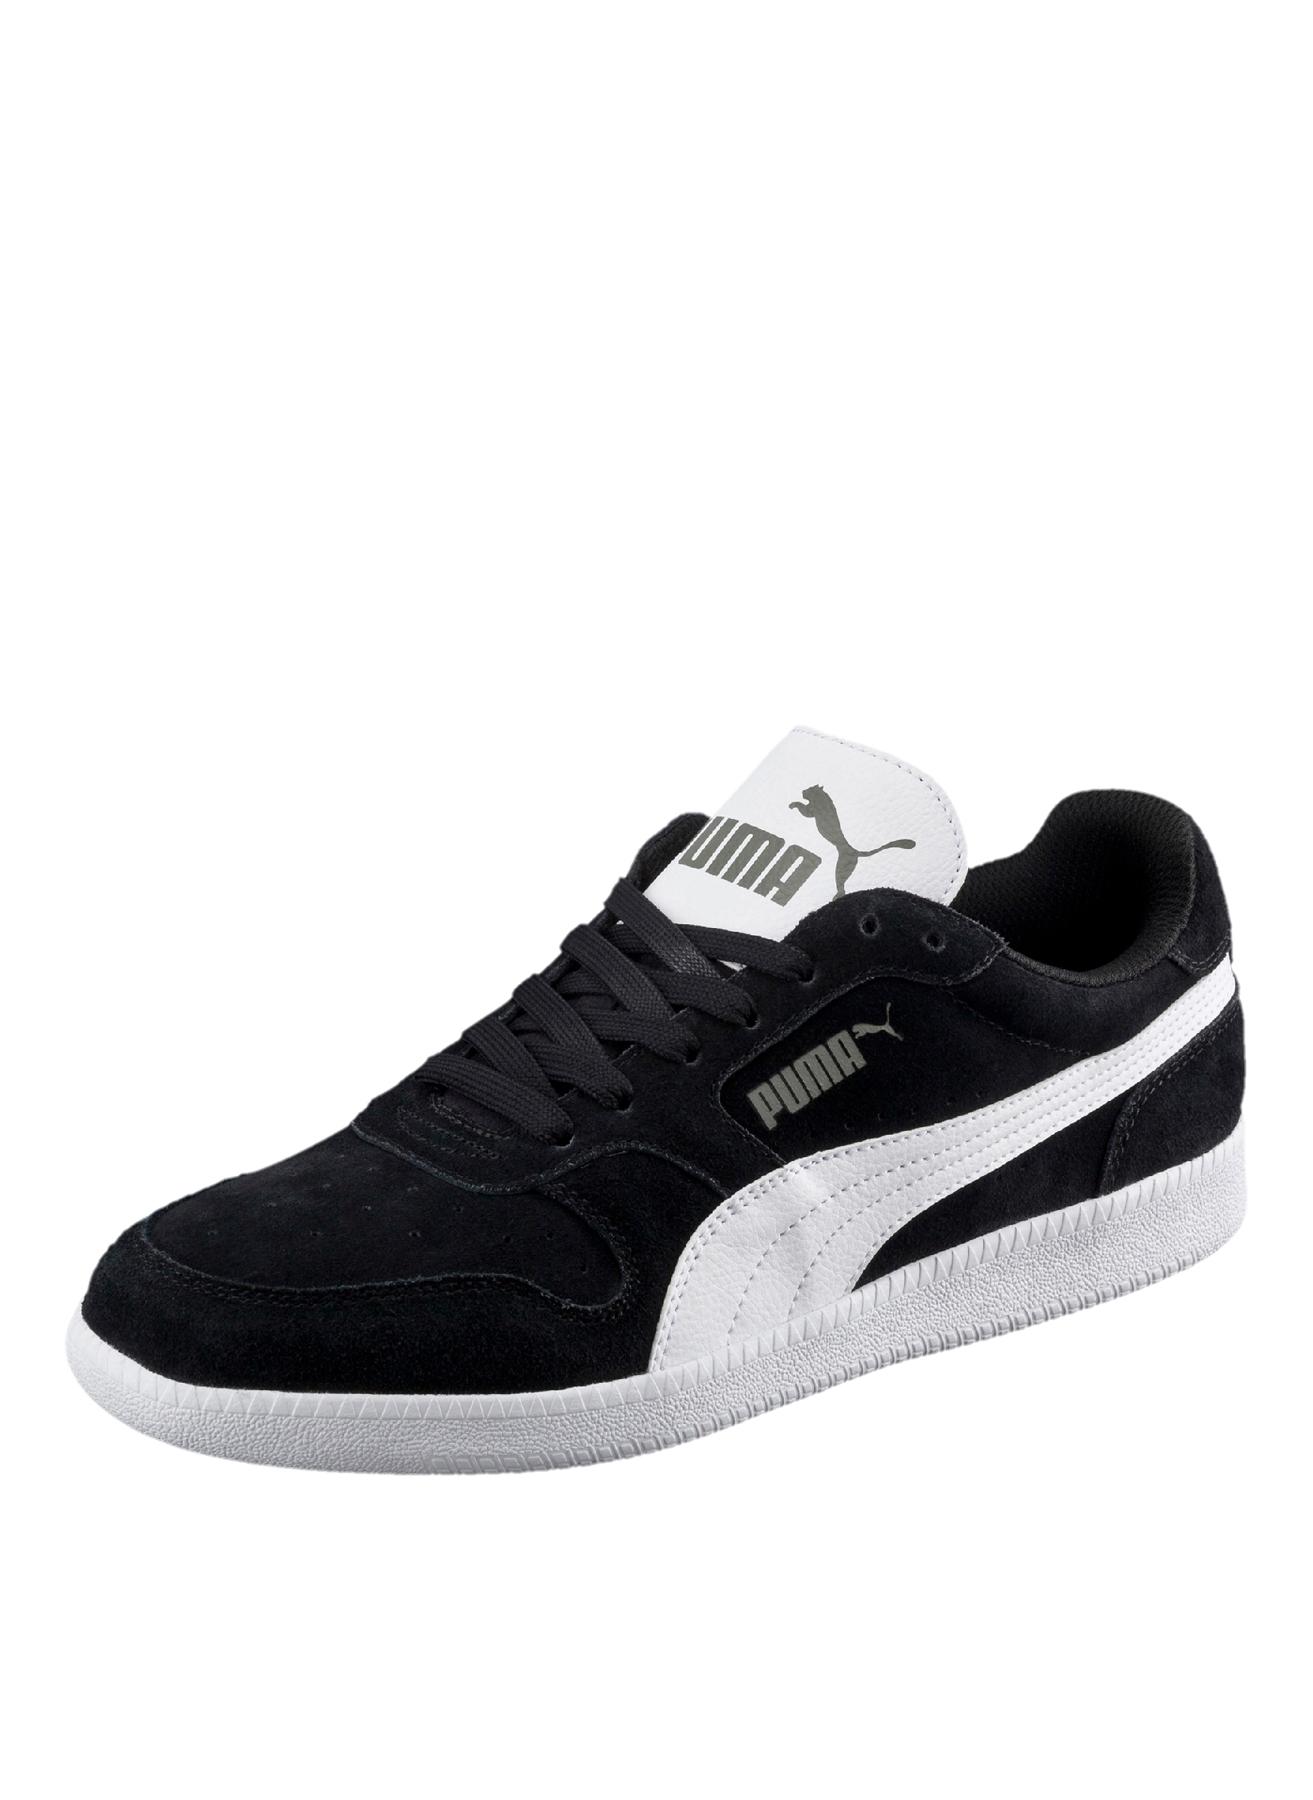 Puma Icra Trainer Sd Lifestyle Ayakkabı 36 5000200749001 Ürün Resmi